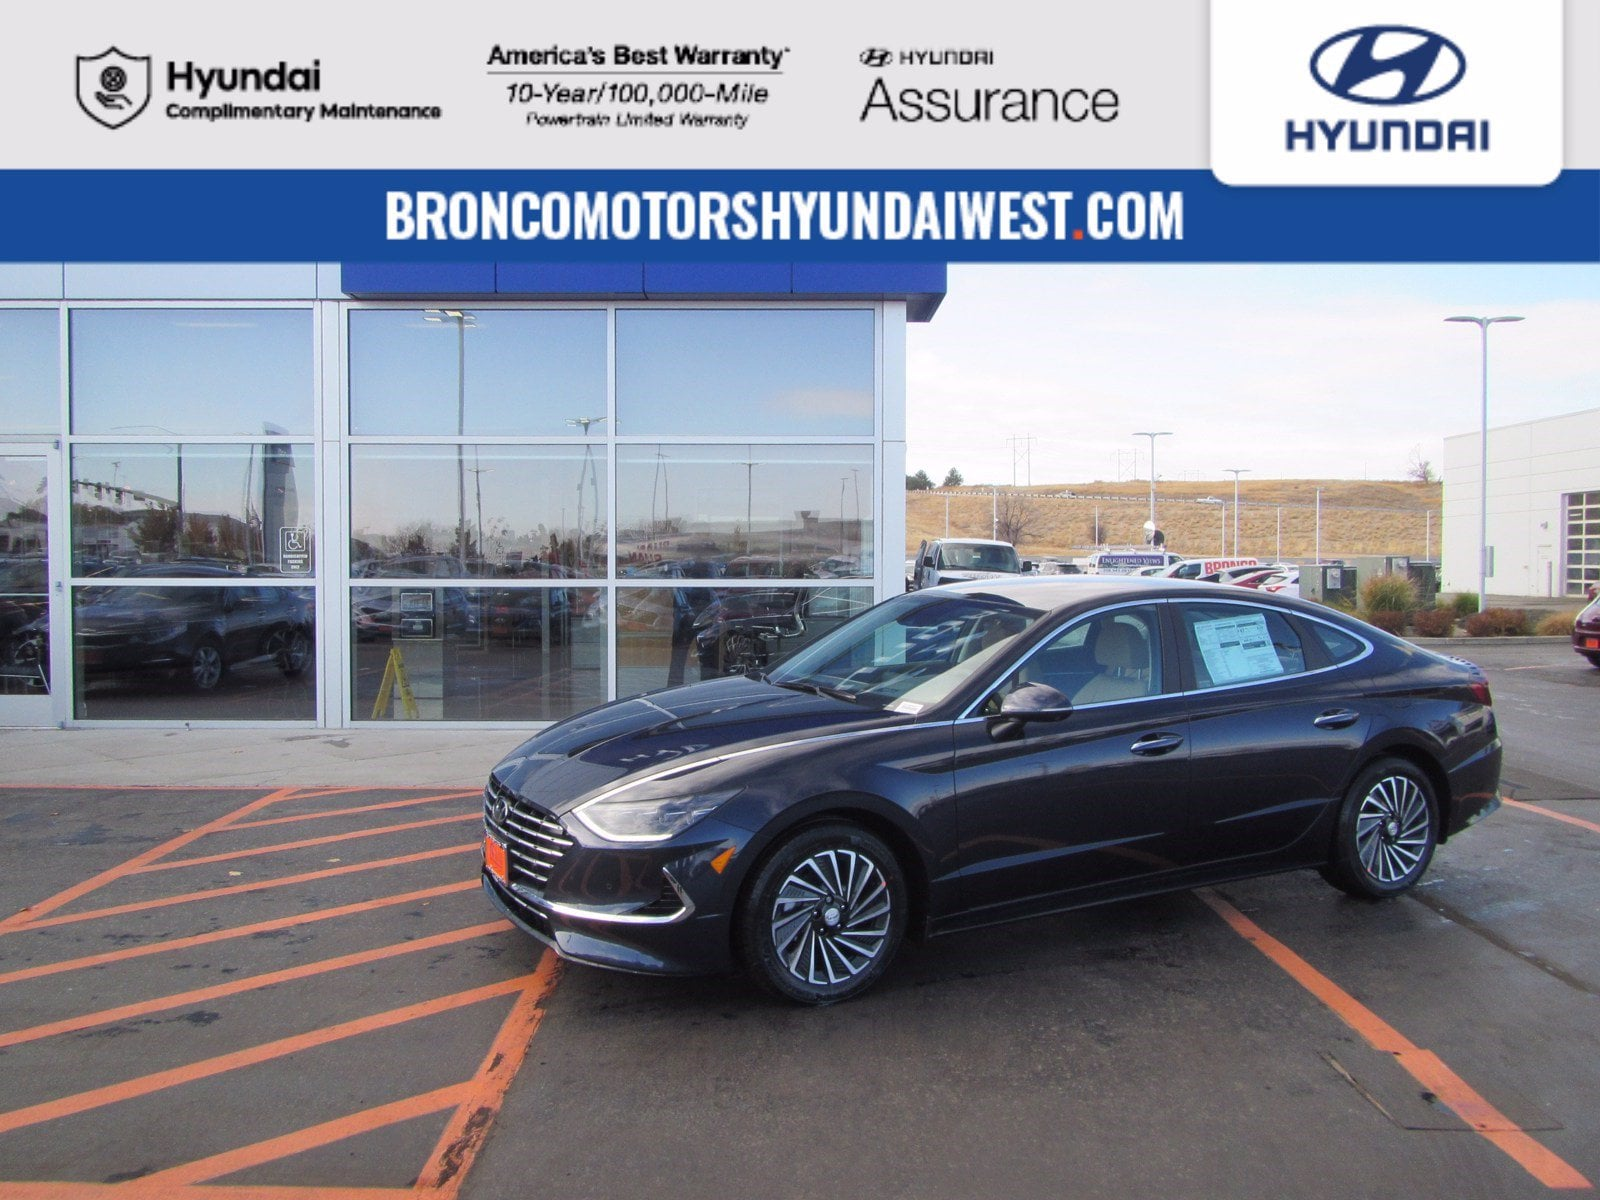 2021 Hyundai Sonata Hybrid Sedan